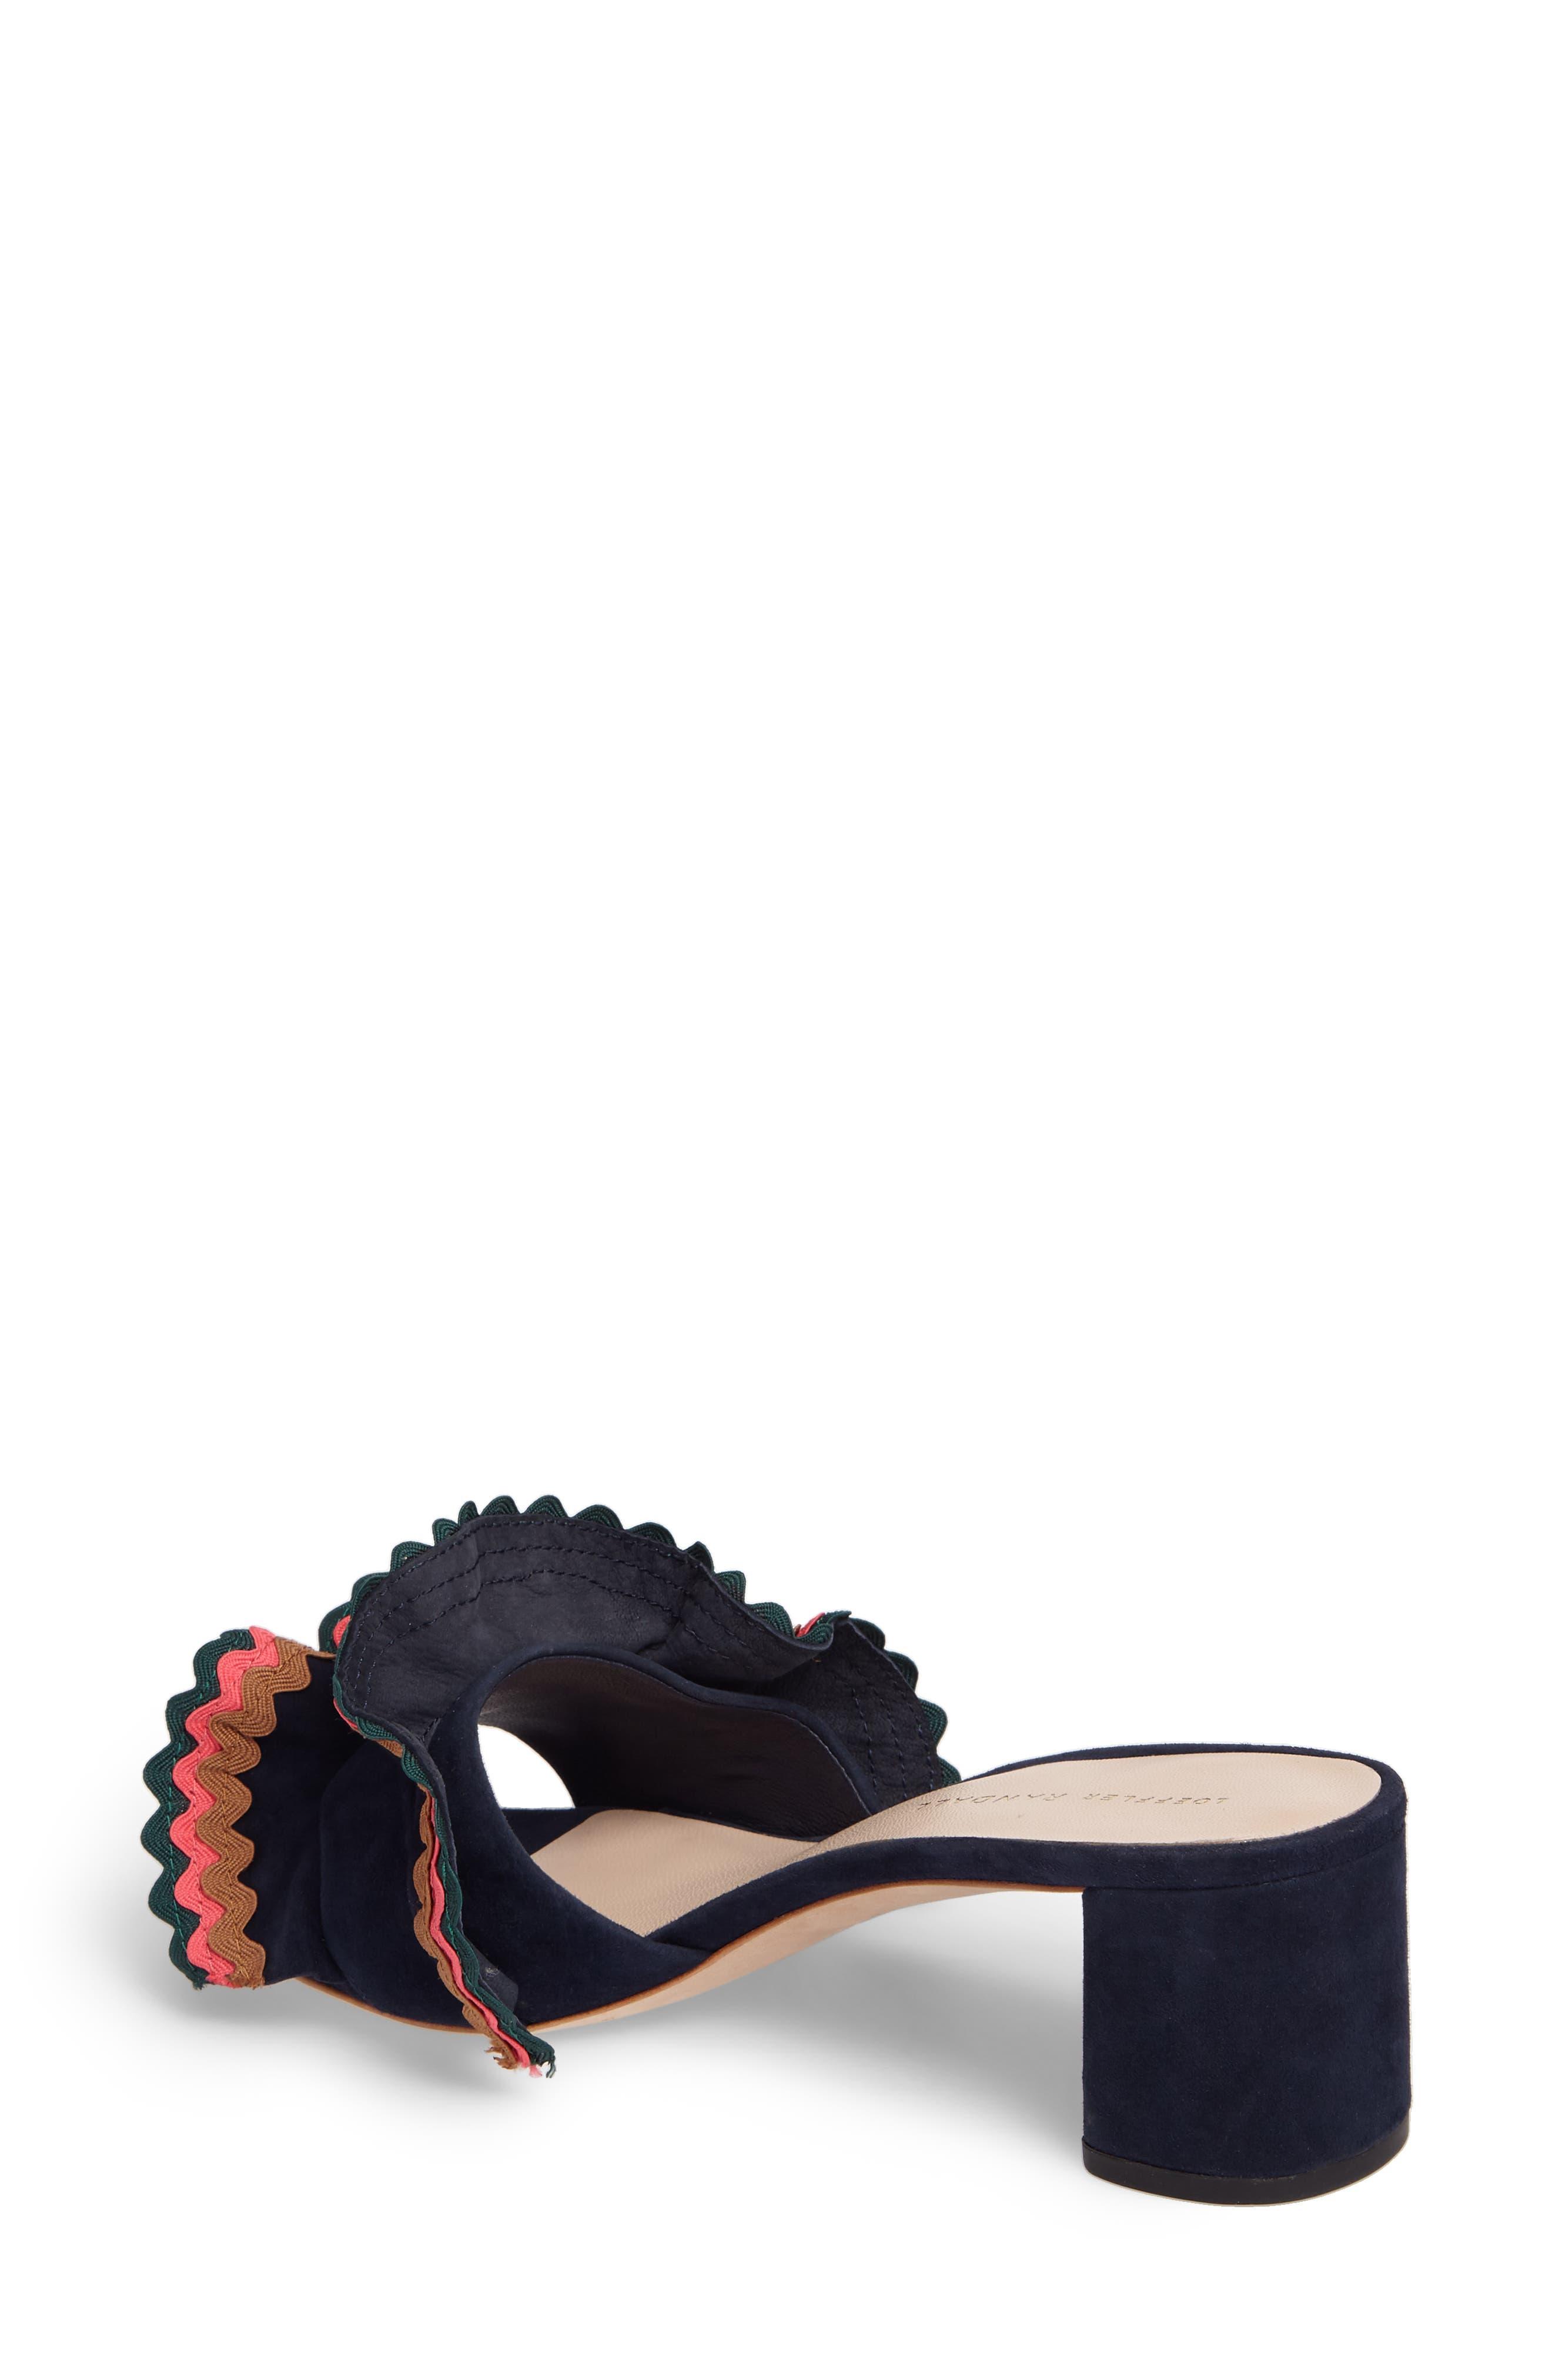 Vera Ruffled Slide Sandal,                             Alternate thumbnail 2, color,                             499